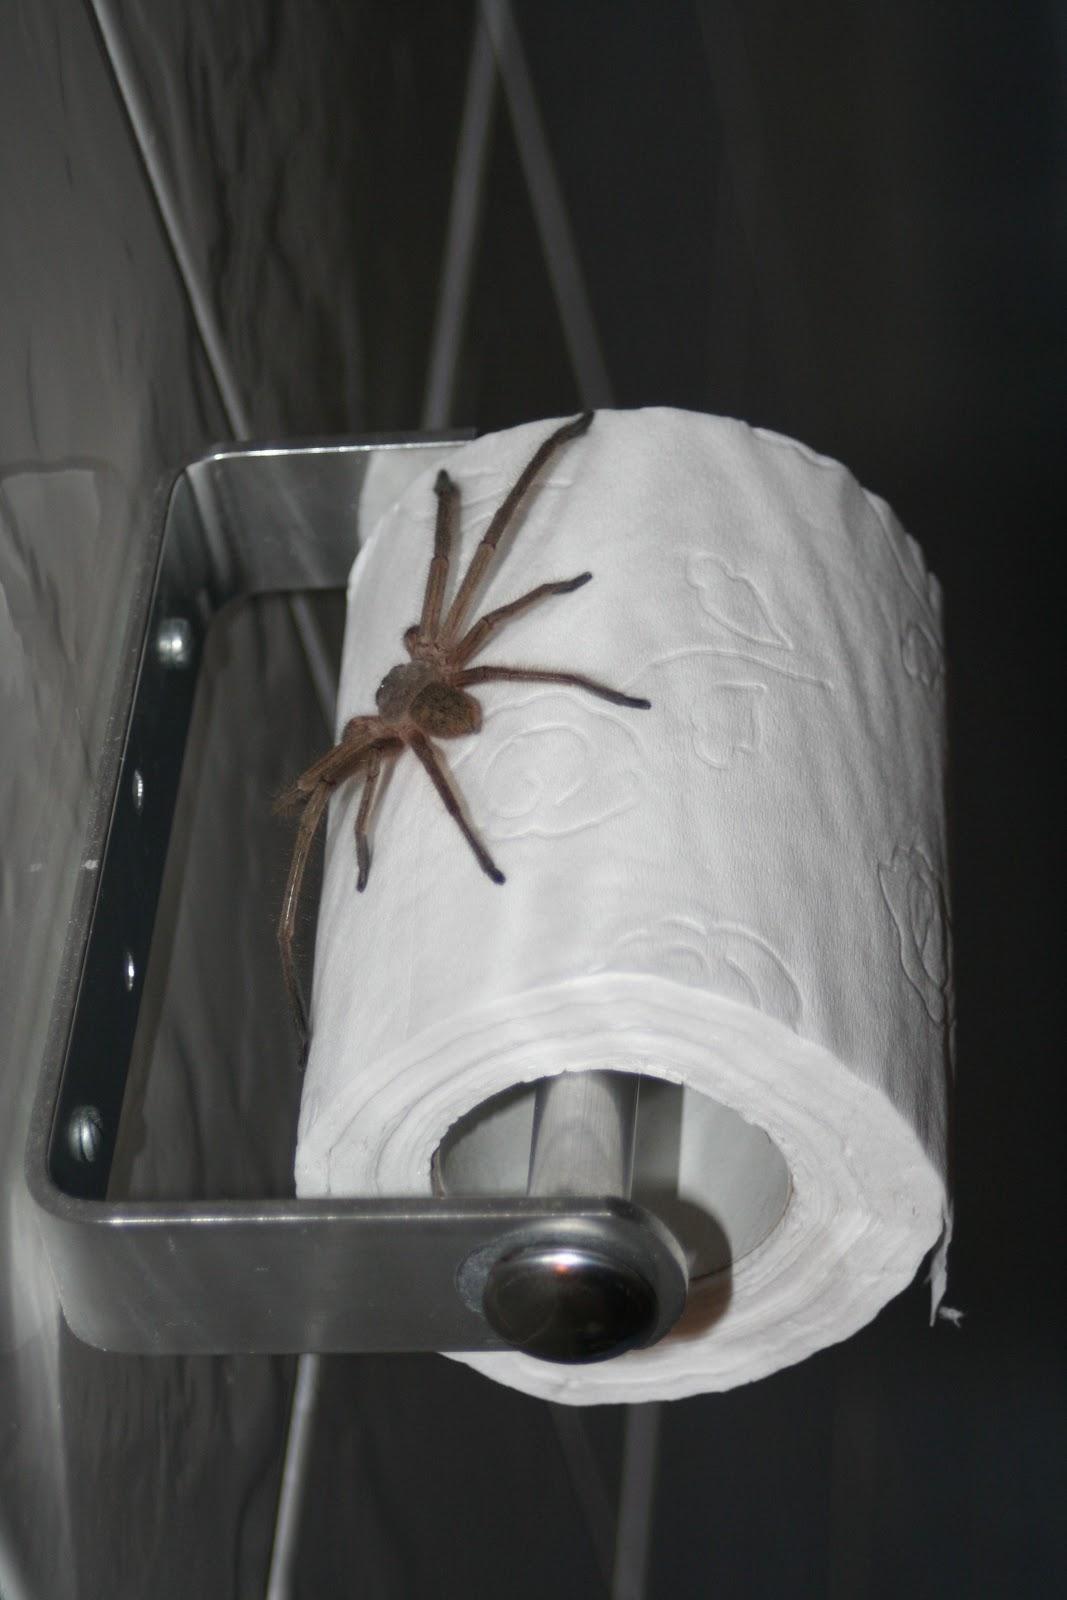 Drawn spider toilet paper #12